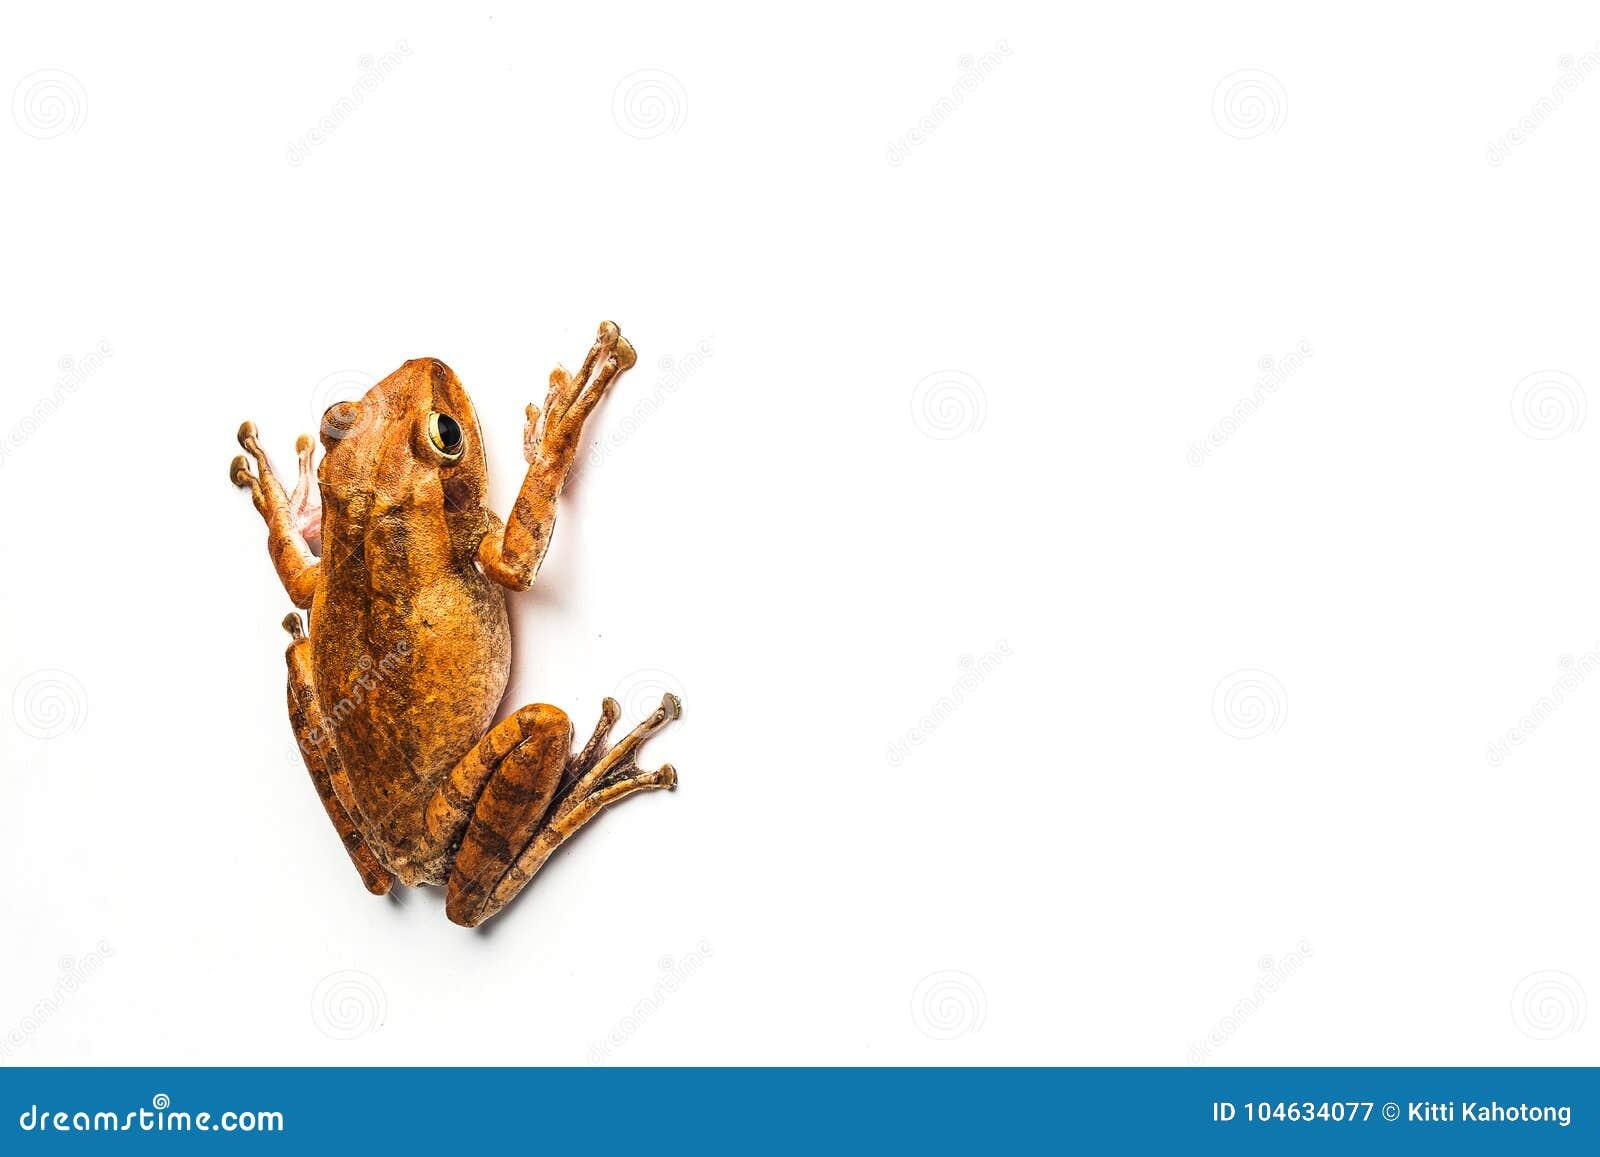 Download Kikker Die Op Witte Achtergrond Wordt Geïsoleerdt Stock Afbeelding - Afbeelding bestaande uit amfibie, klein: 104634077